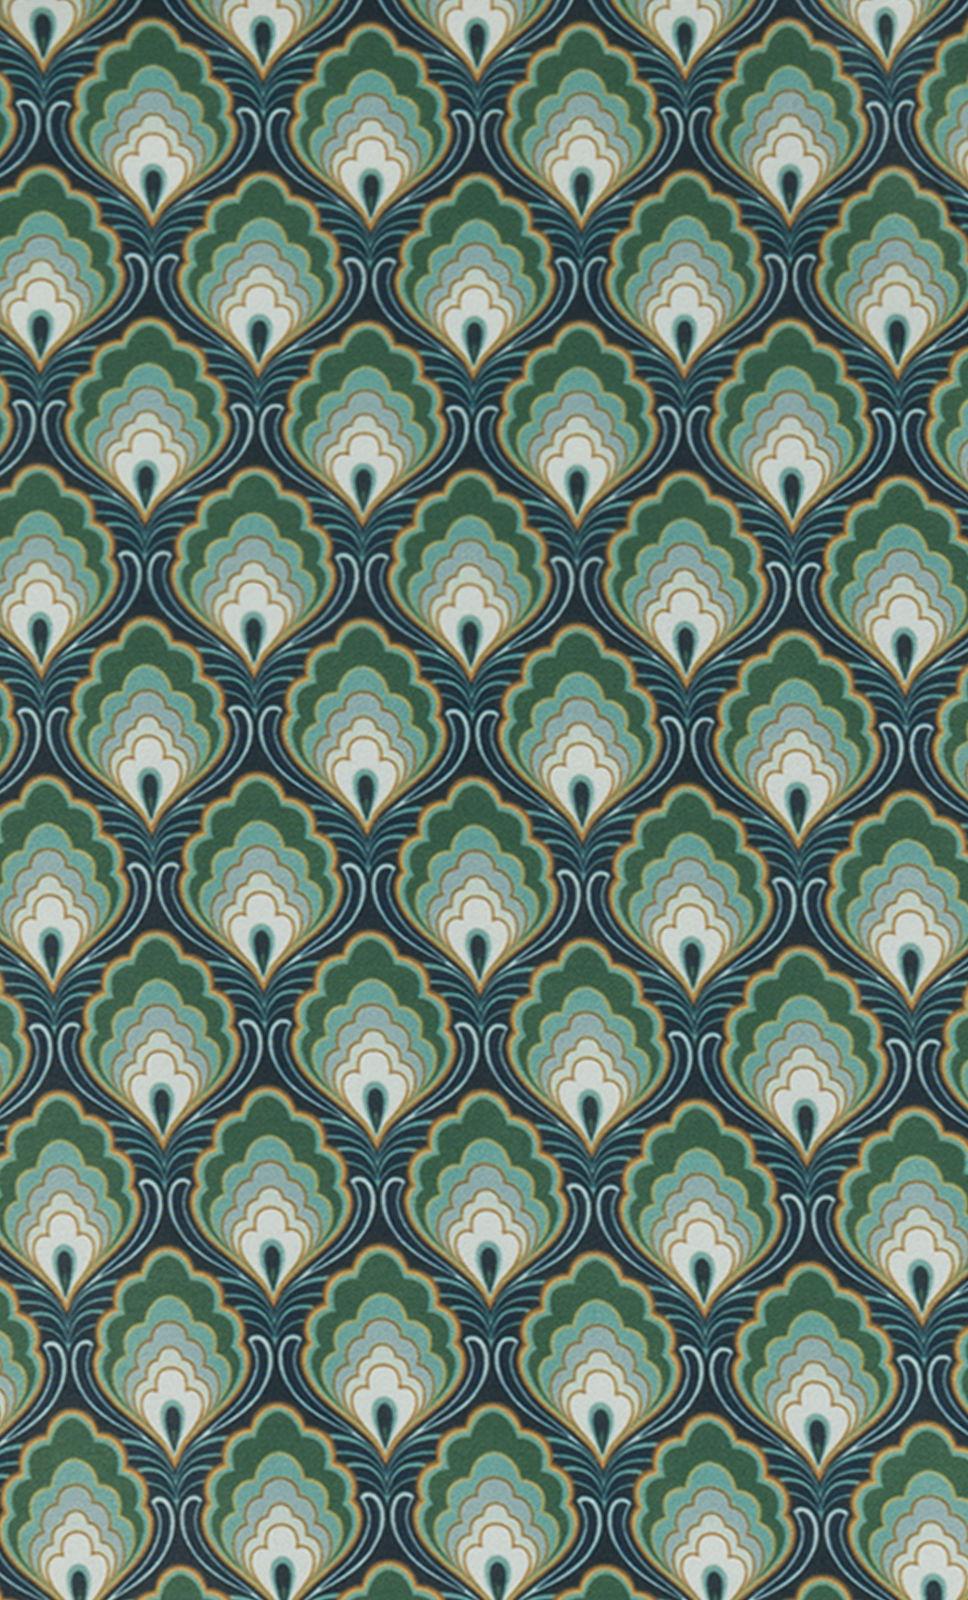 Marigold-Peacock-Green